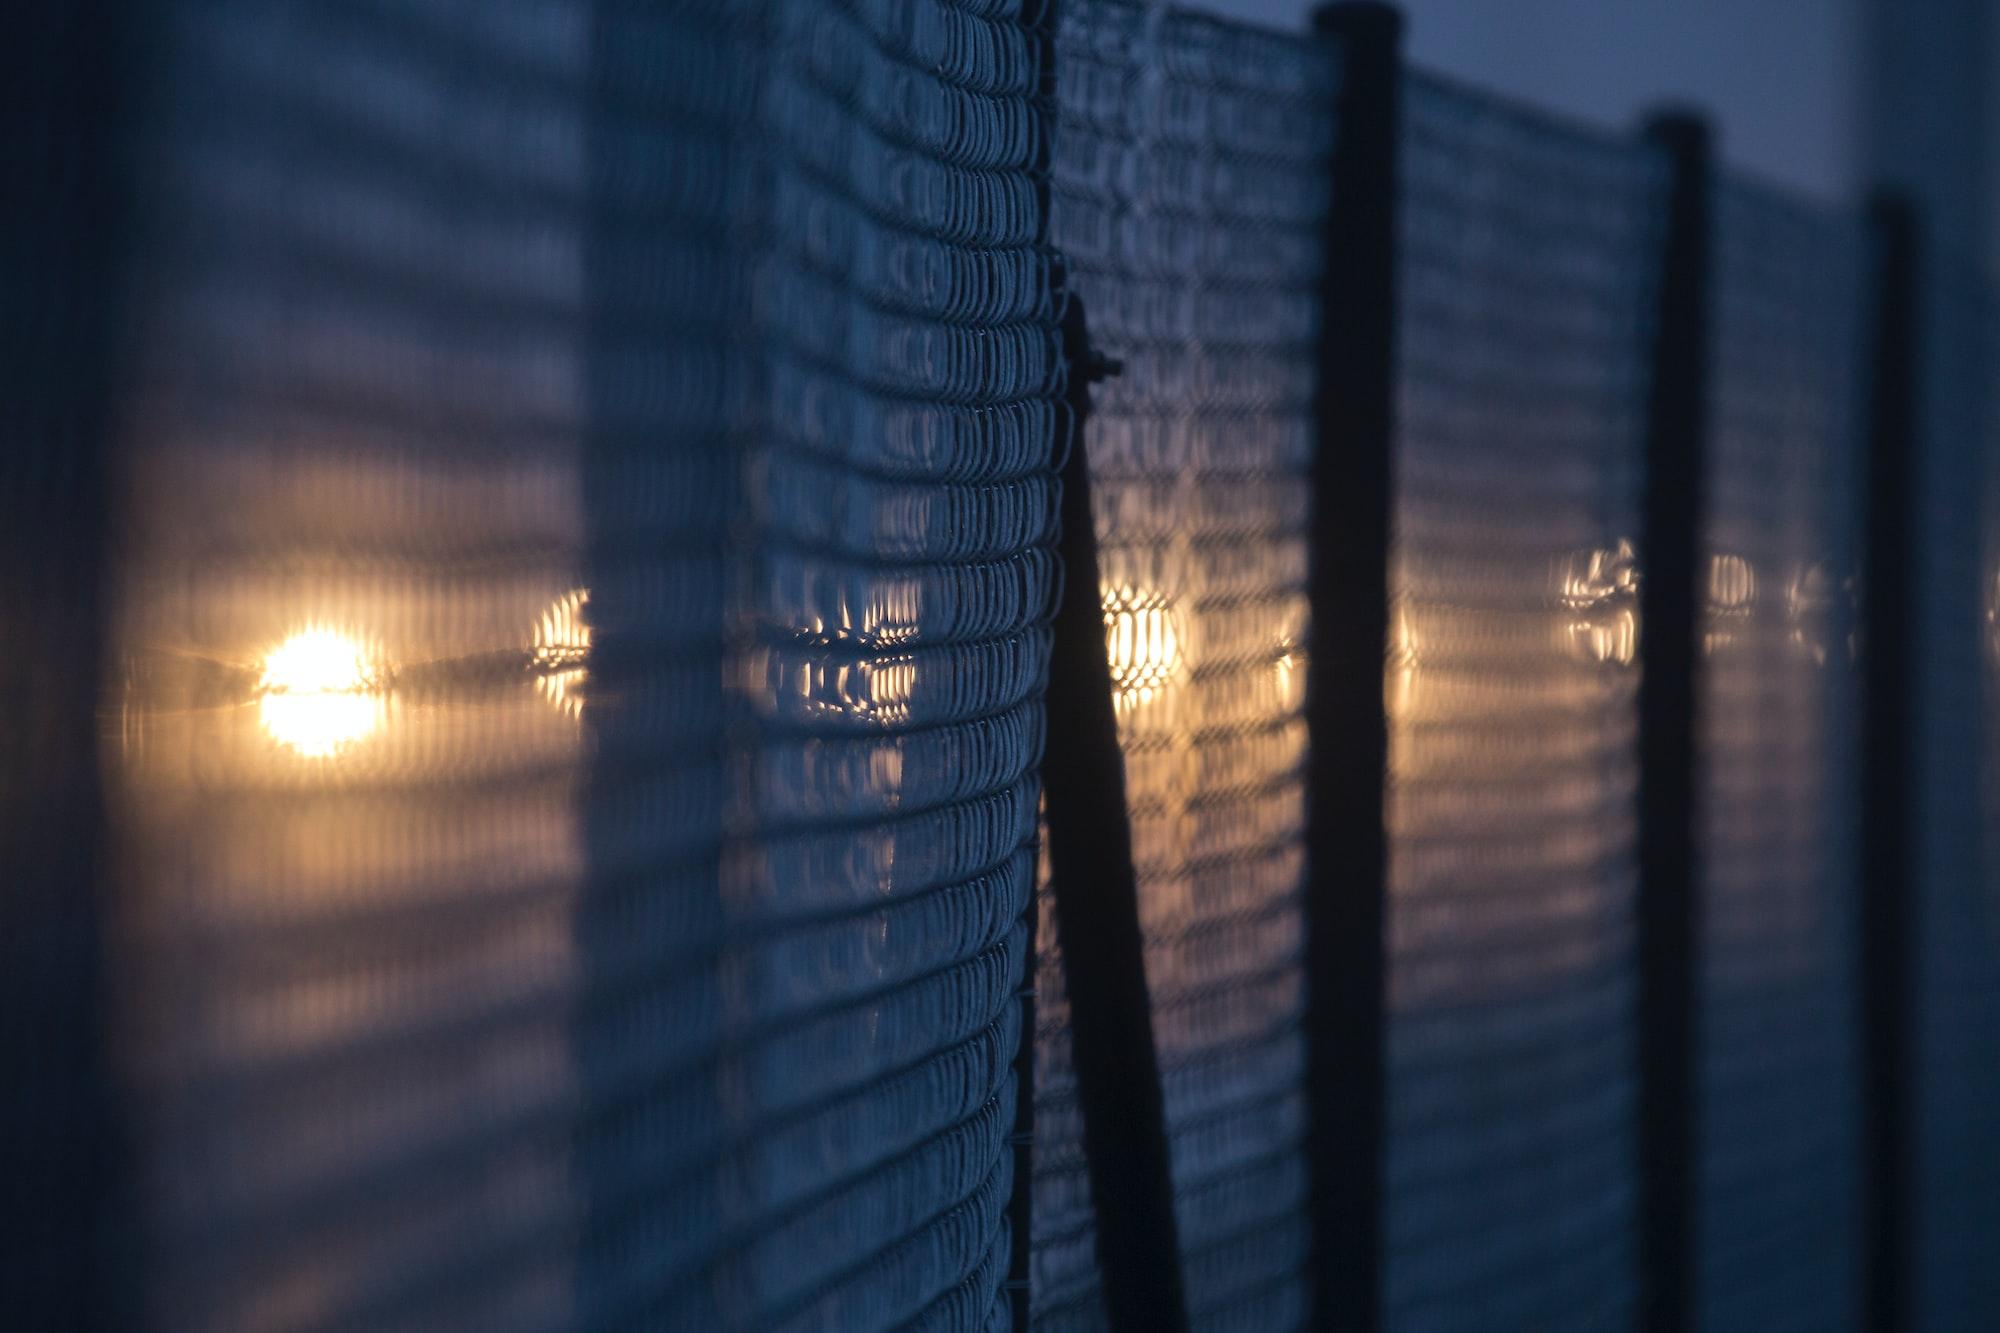 Interfraktioneller Weihnachtsappell: Aufnahme Geflüchteter aus griechischen Lagern endlich vorantreiben!